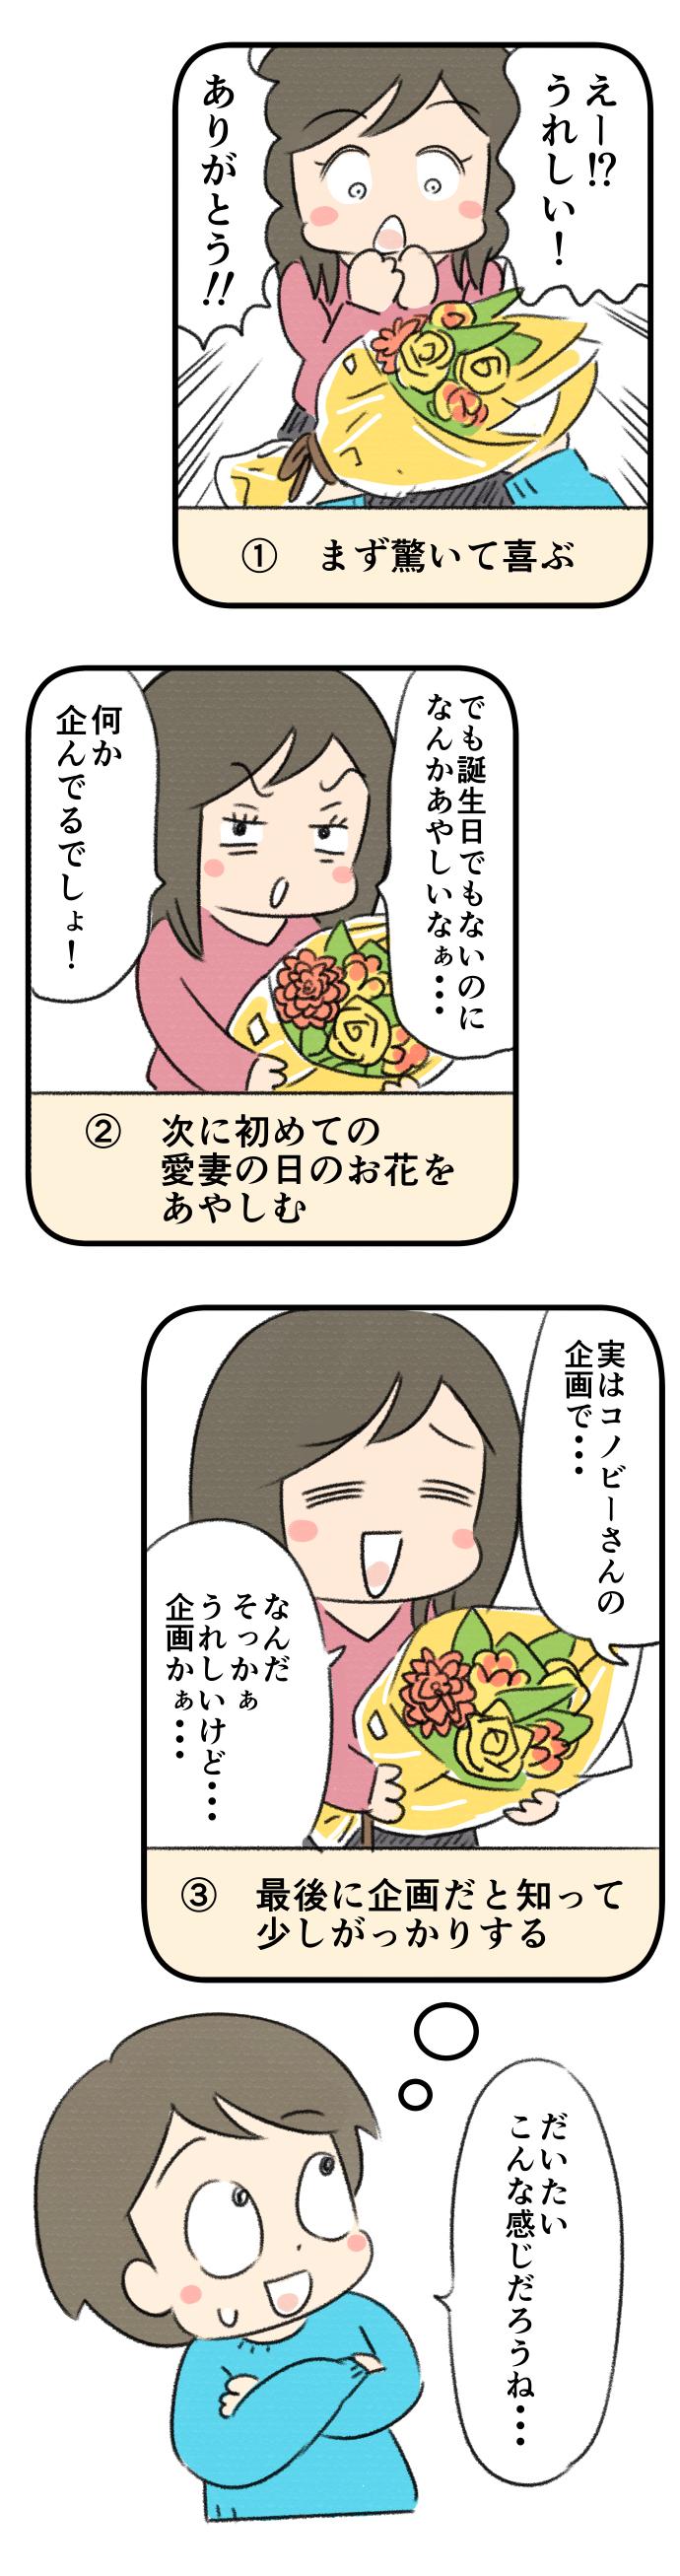 1月31日は愛妻の日。妻に花束を渡した時の反応は?予想と実際をレポート!の画像2